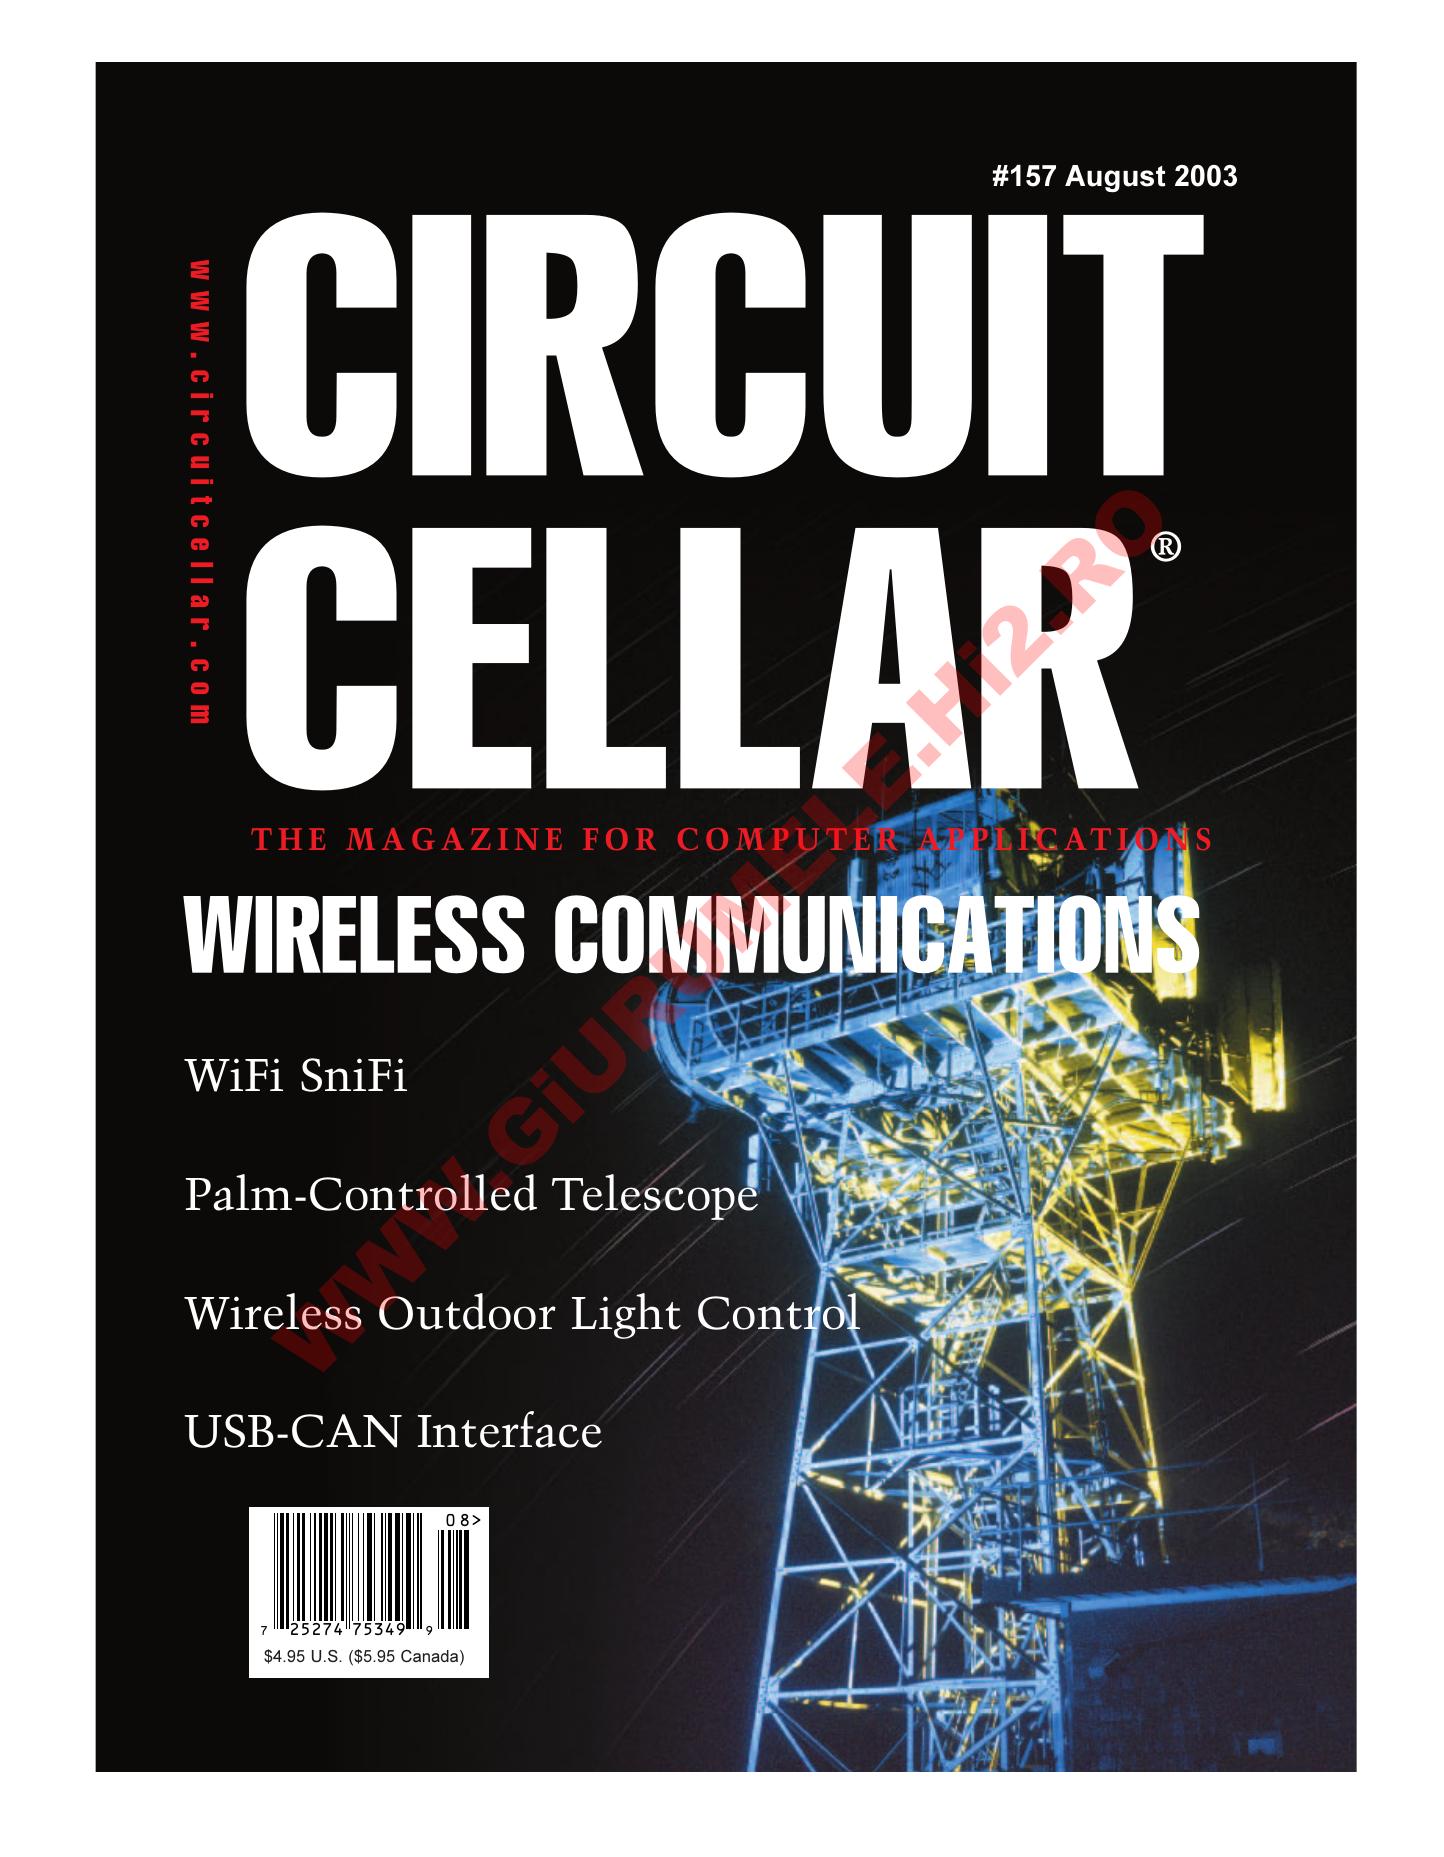 Circuit Cellar | manualzz com